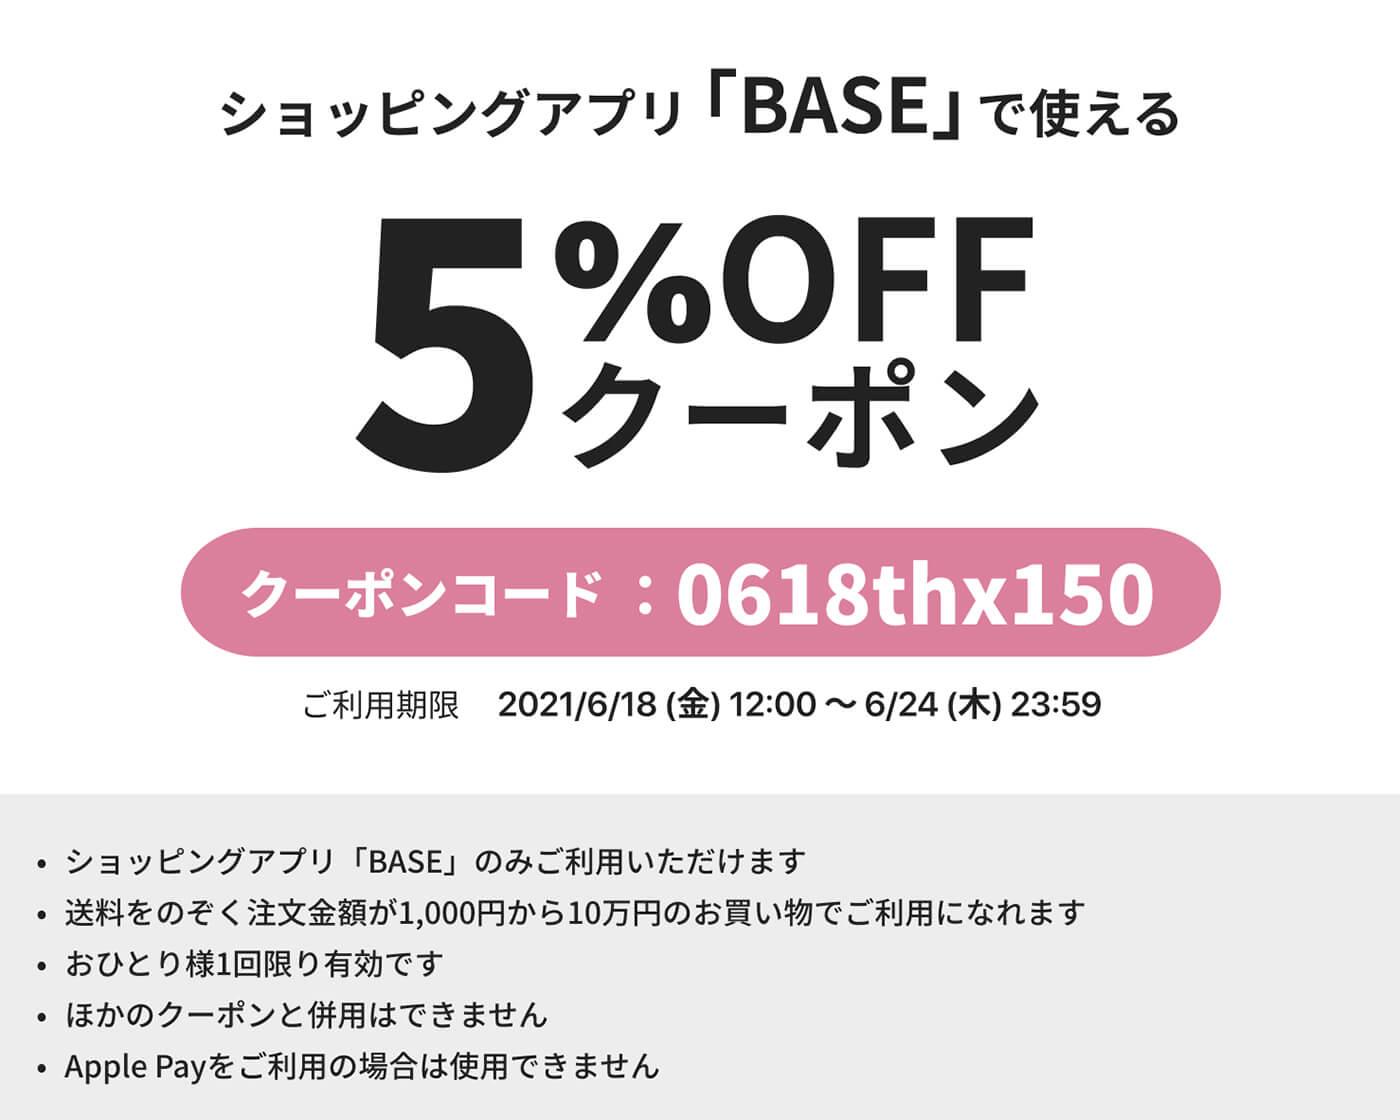 【期間限定】5%OFFクーポンプレゼント